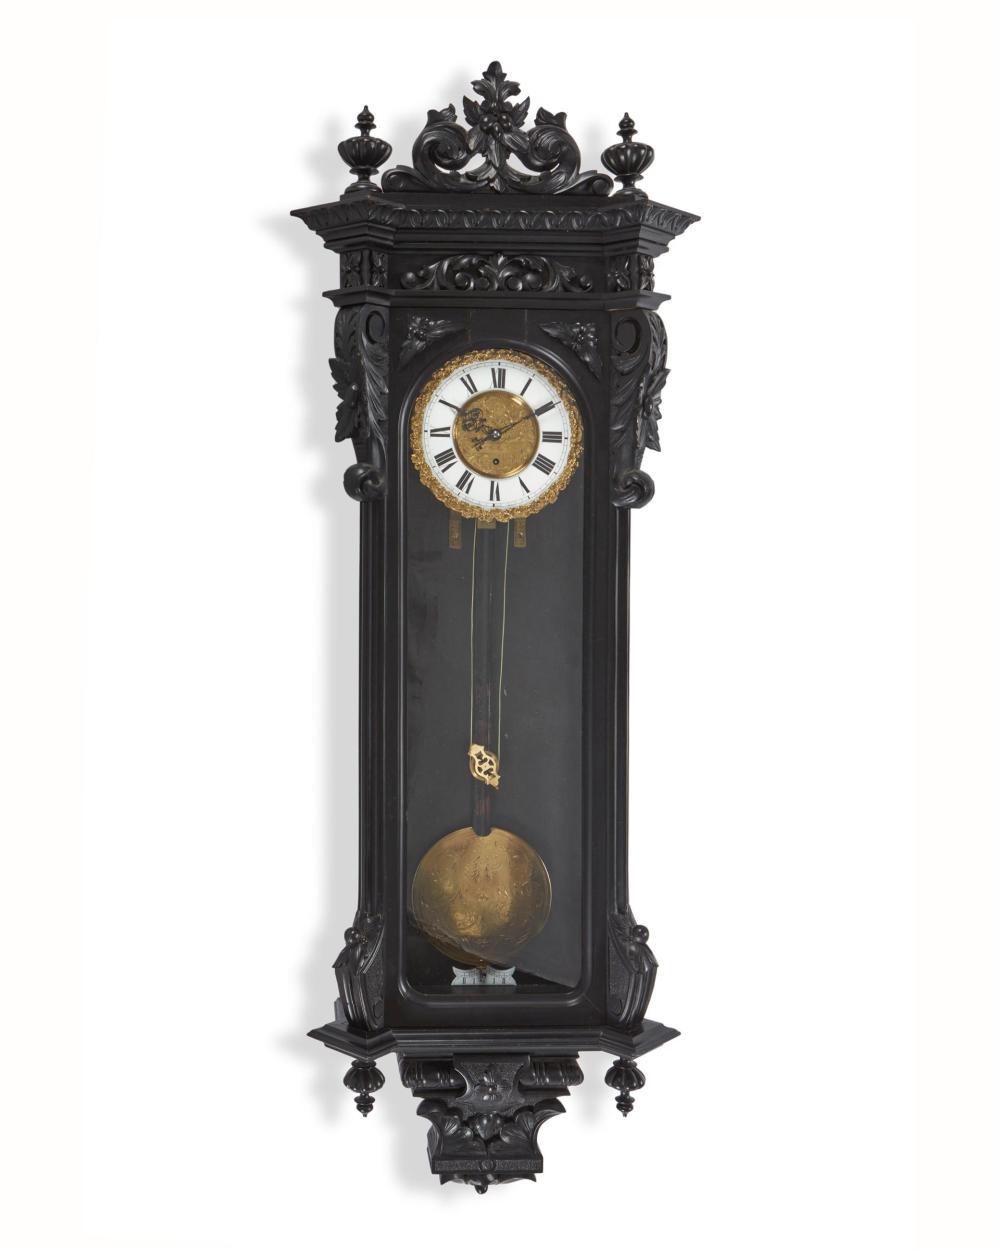 A German Vienna regulator wall clock